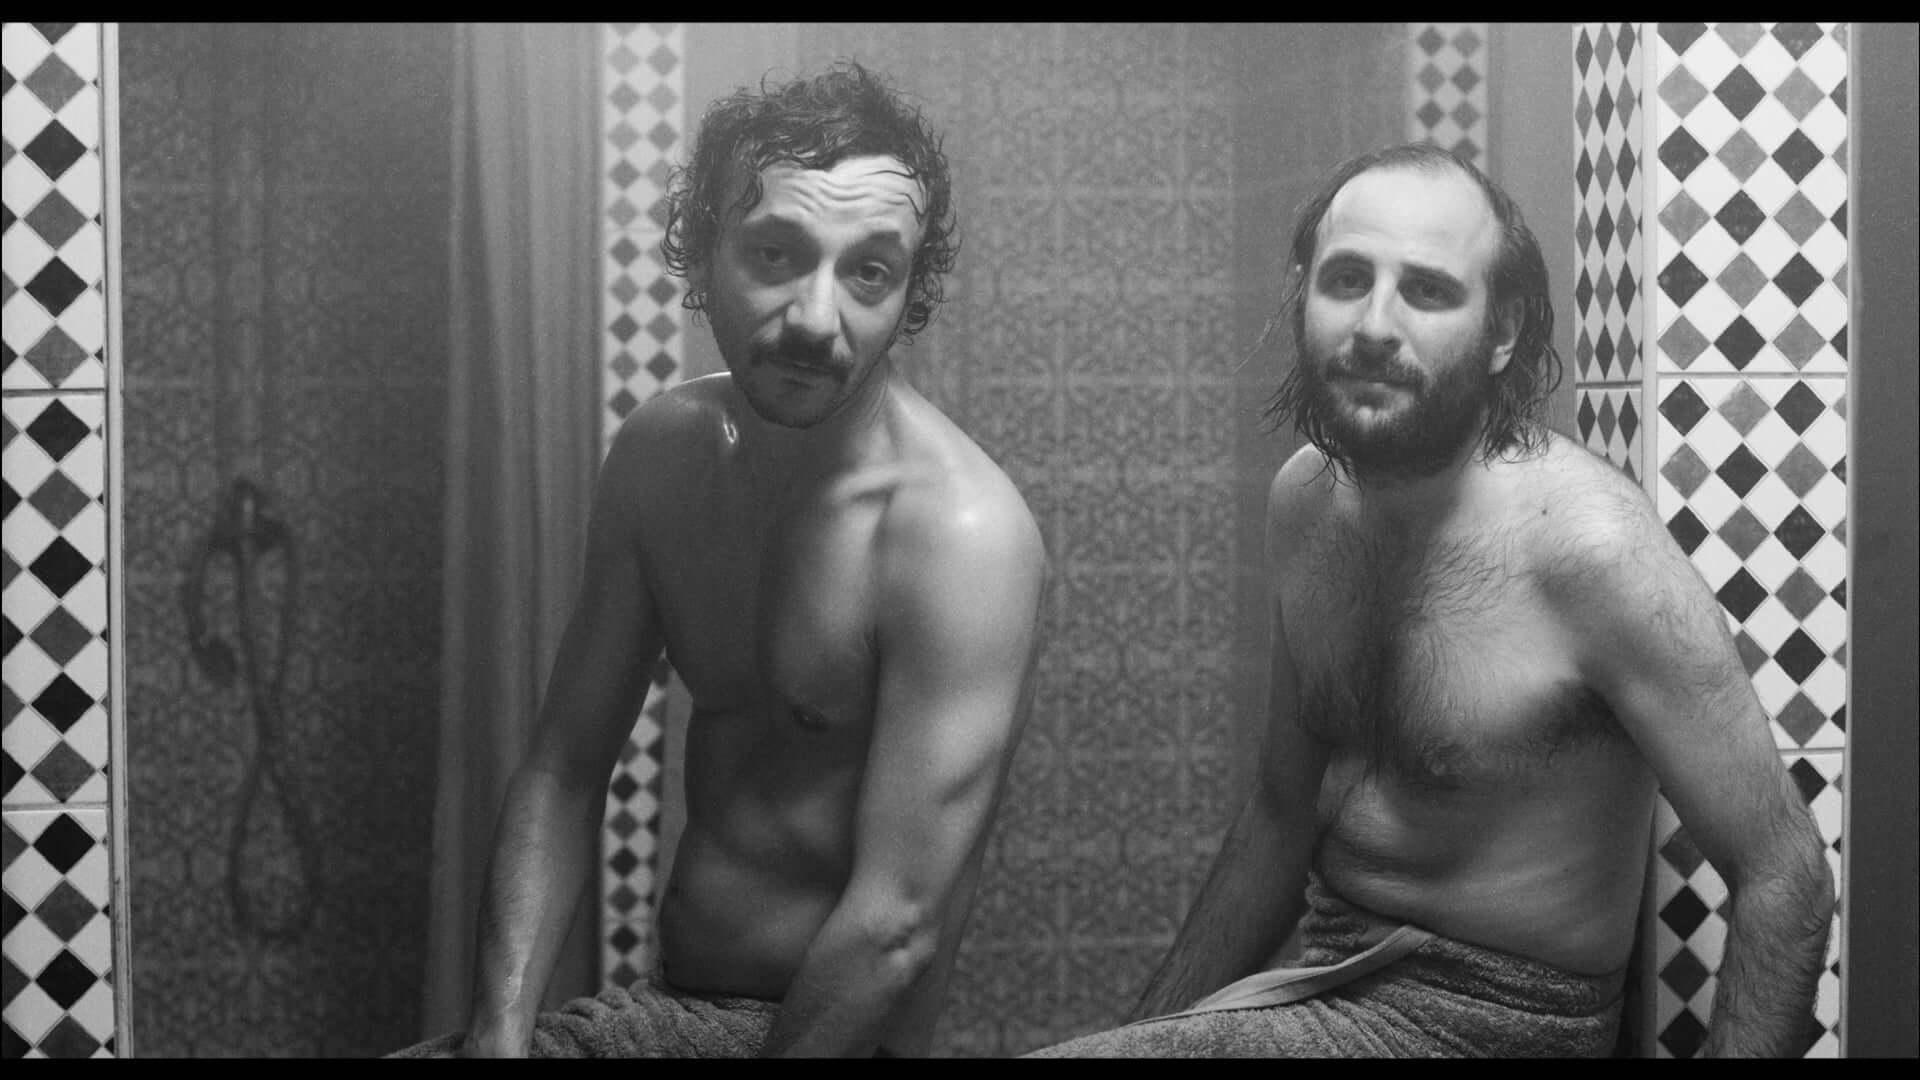 オンライン映画祭<MyFFF>が短編59作品を無料配信!カトリーヌ・ドヌーヴ出演『美味しい美女』などフランス映画多数 film200401_myfff_5-1920x1080